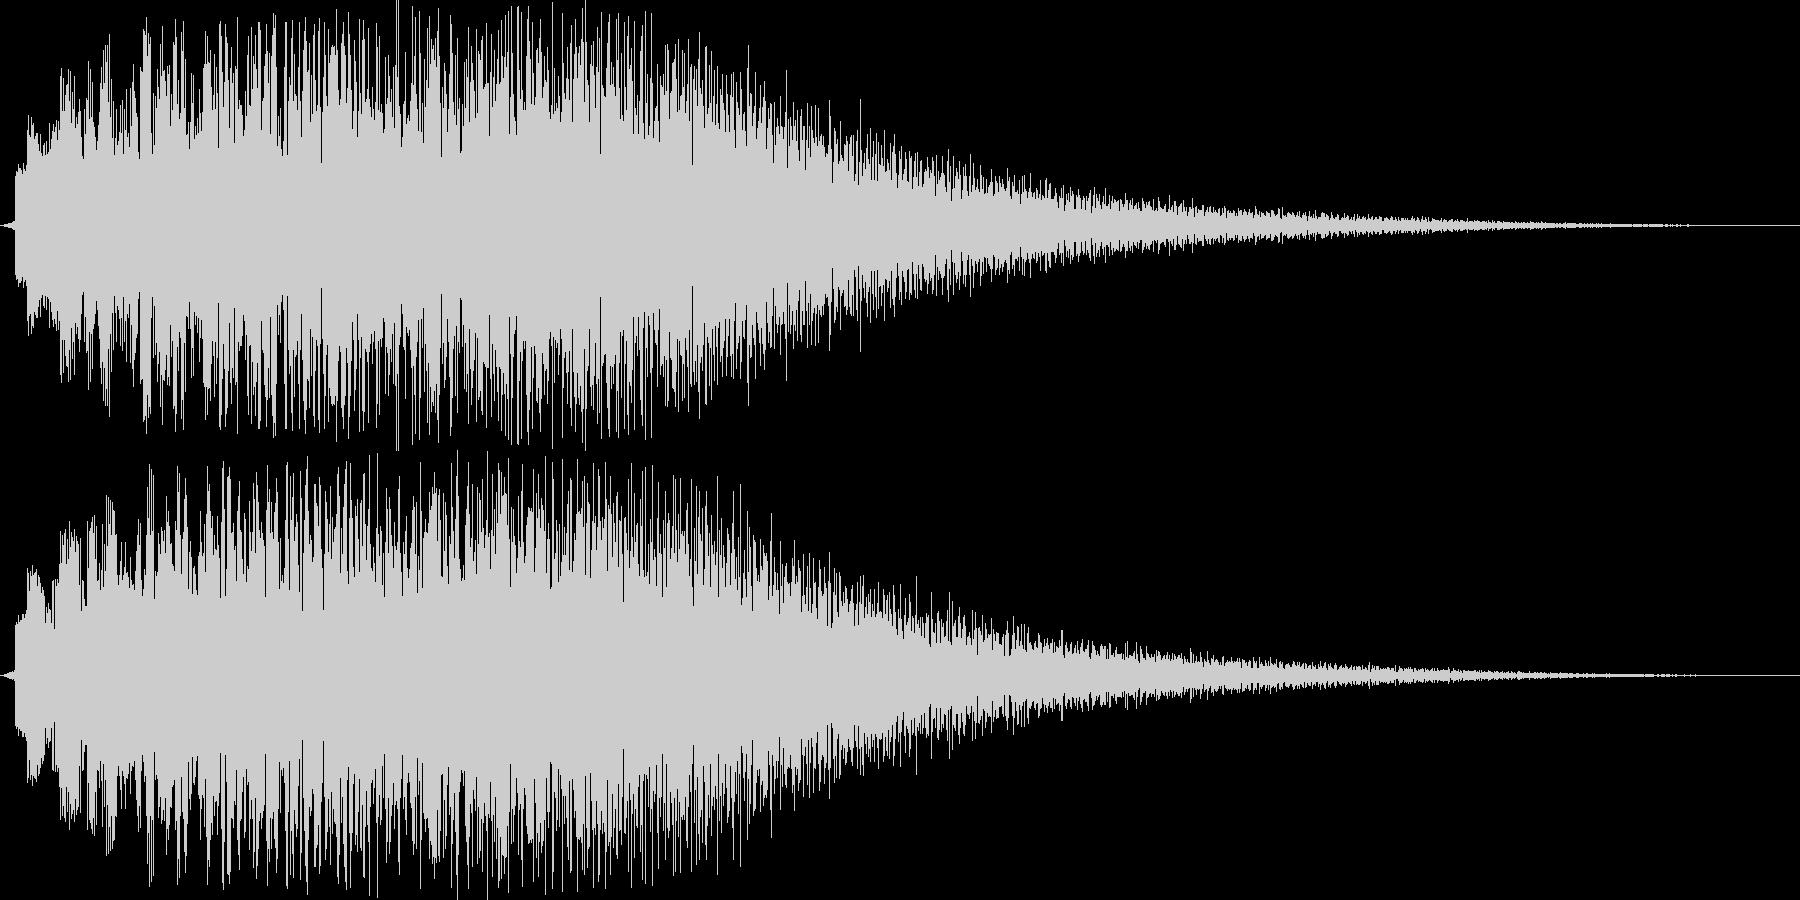 デュラララララララーン(チャイム系)の未再生の波形